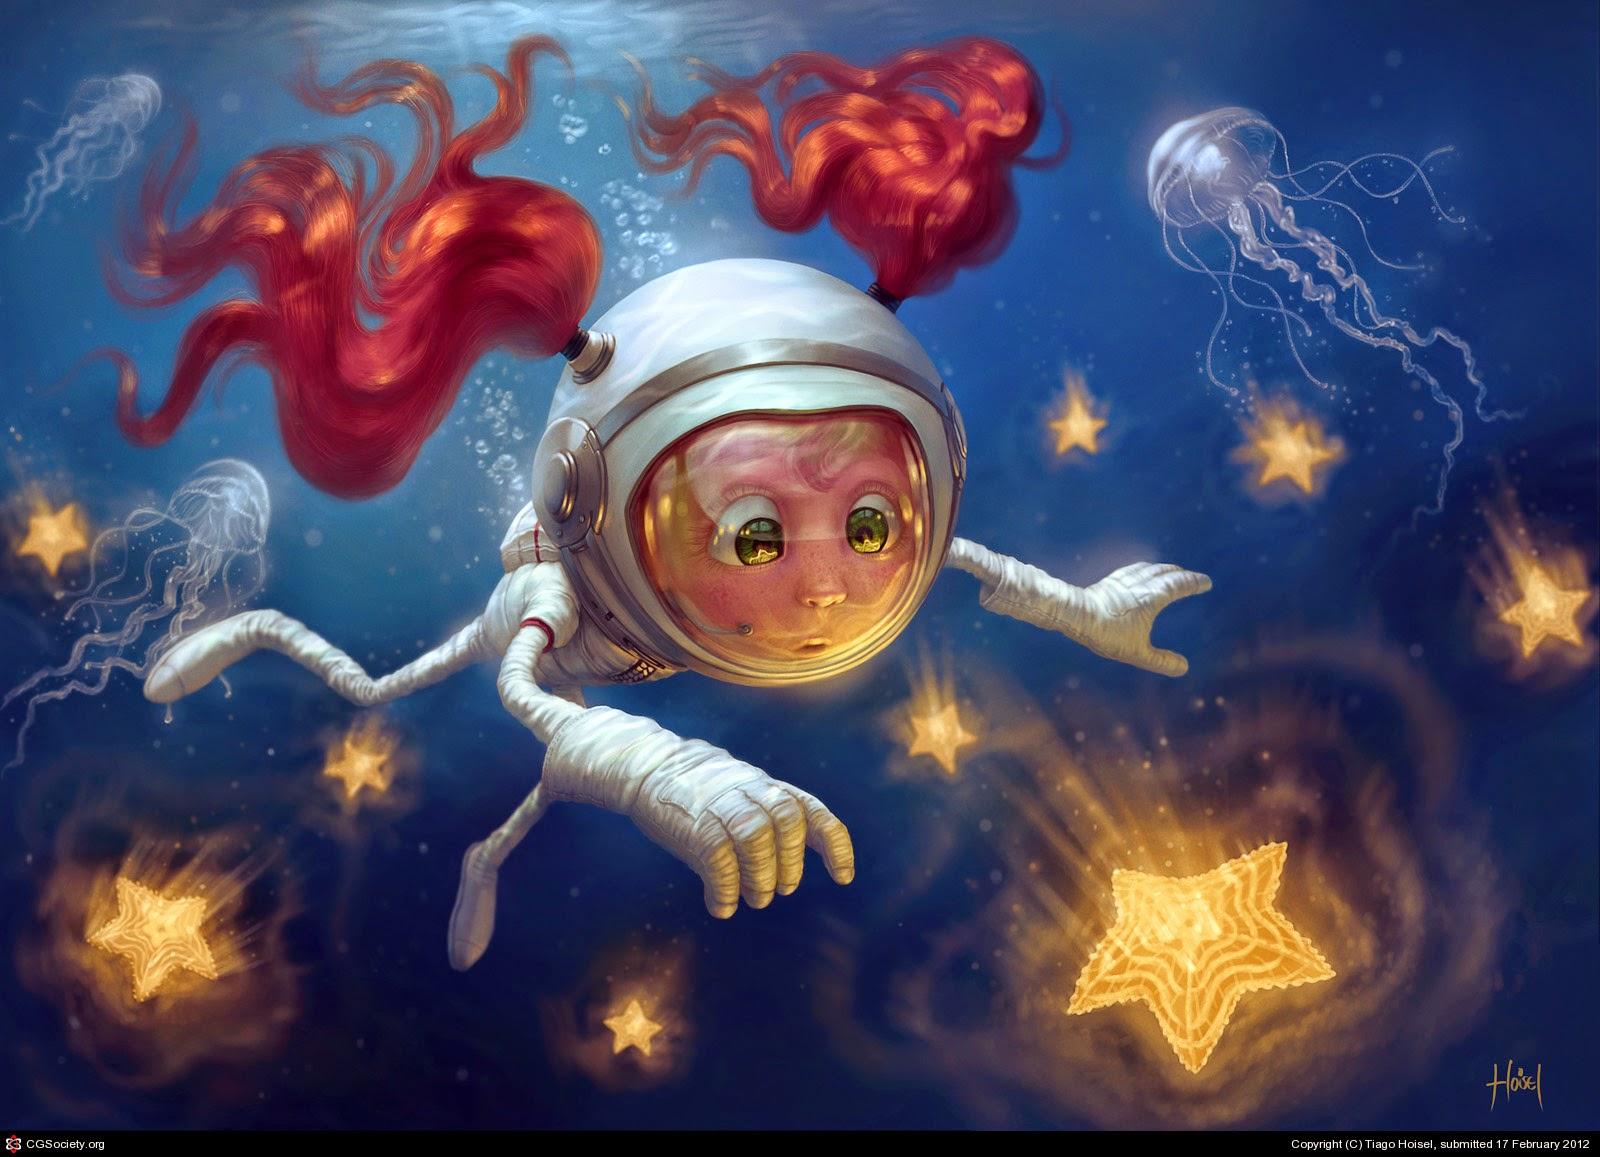 illustration de Tiago Hoisel représentant une jeune fille a couettes rousses pêchant des étoiles